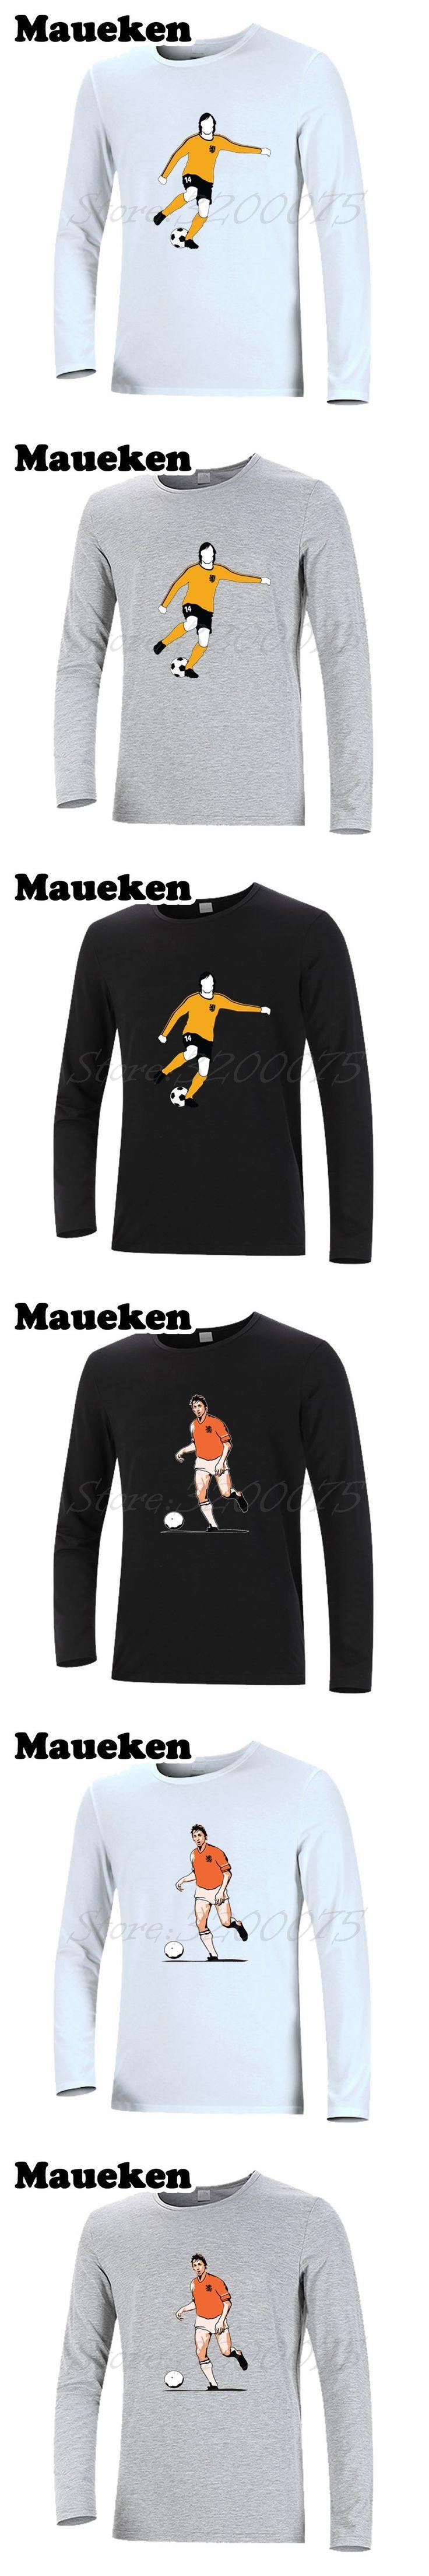 Long Sleeve Men T-Shirt Johan Cruyff 14 Netherlands Holland flyer barcelona godfather Legend T Shirt Autumn Winter W17100717